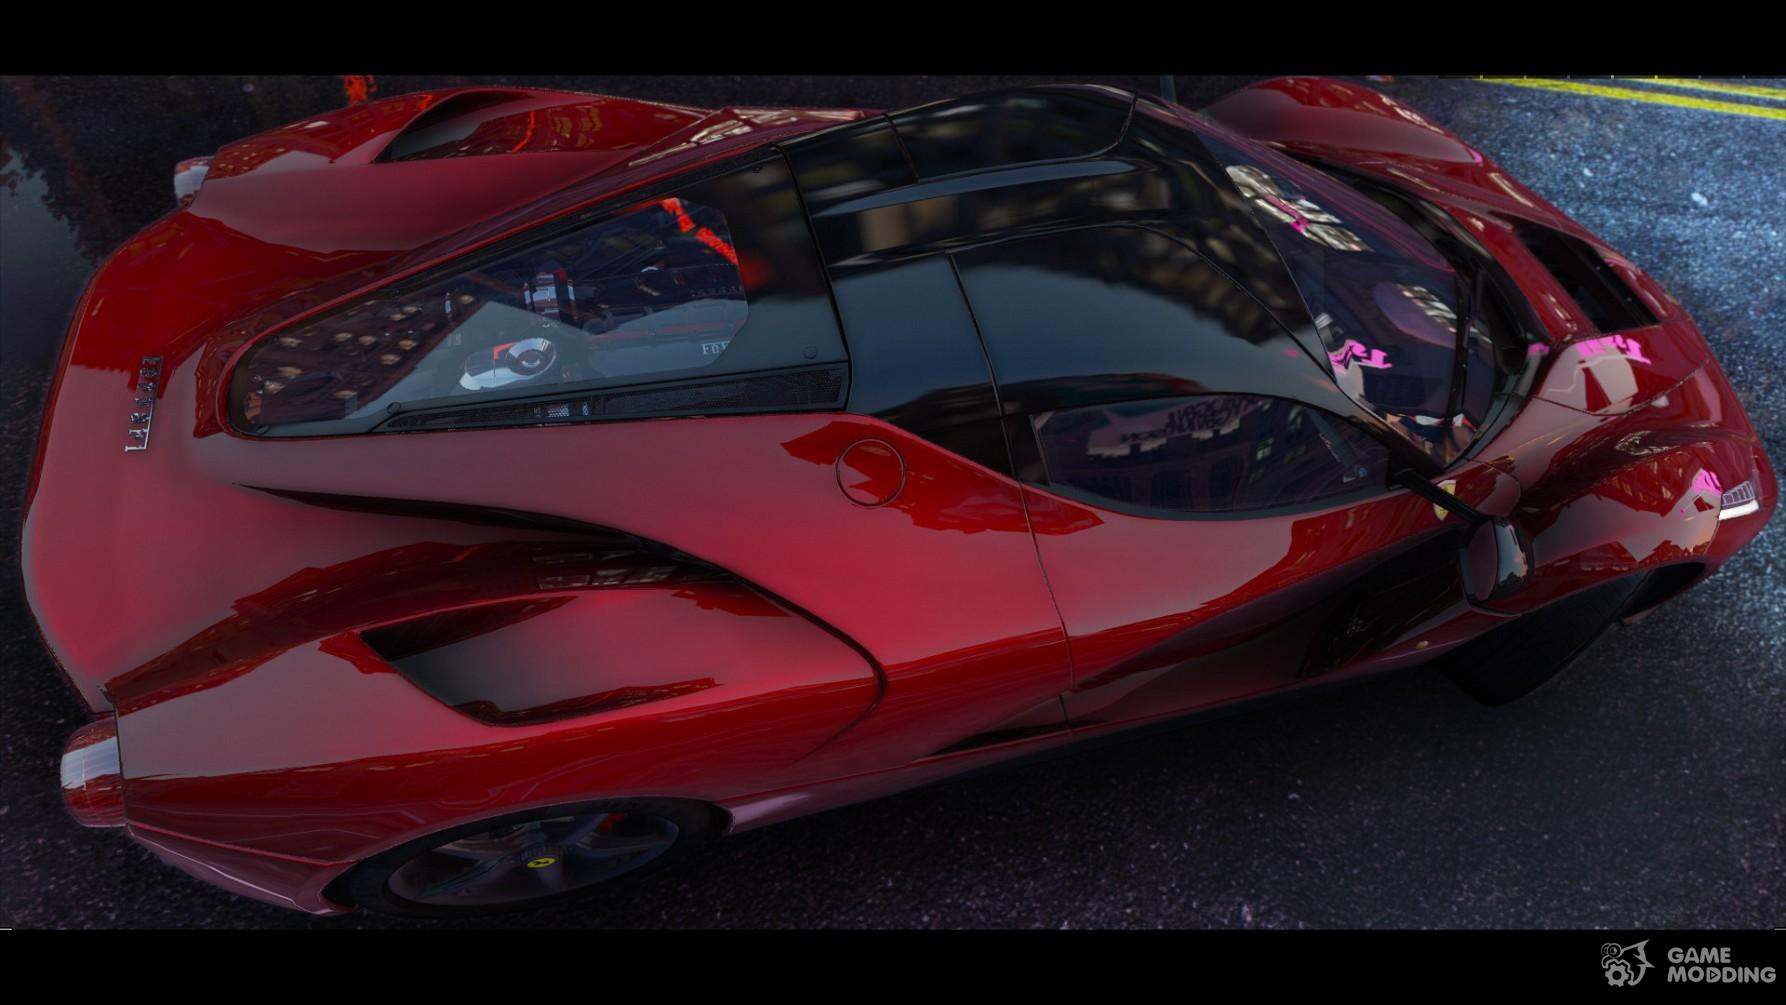 Ferrari Laferrari 2015 For Gta 5